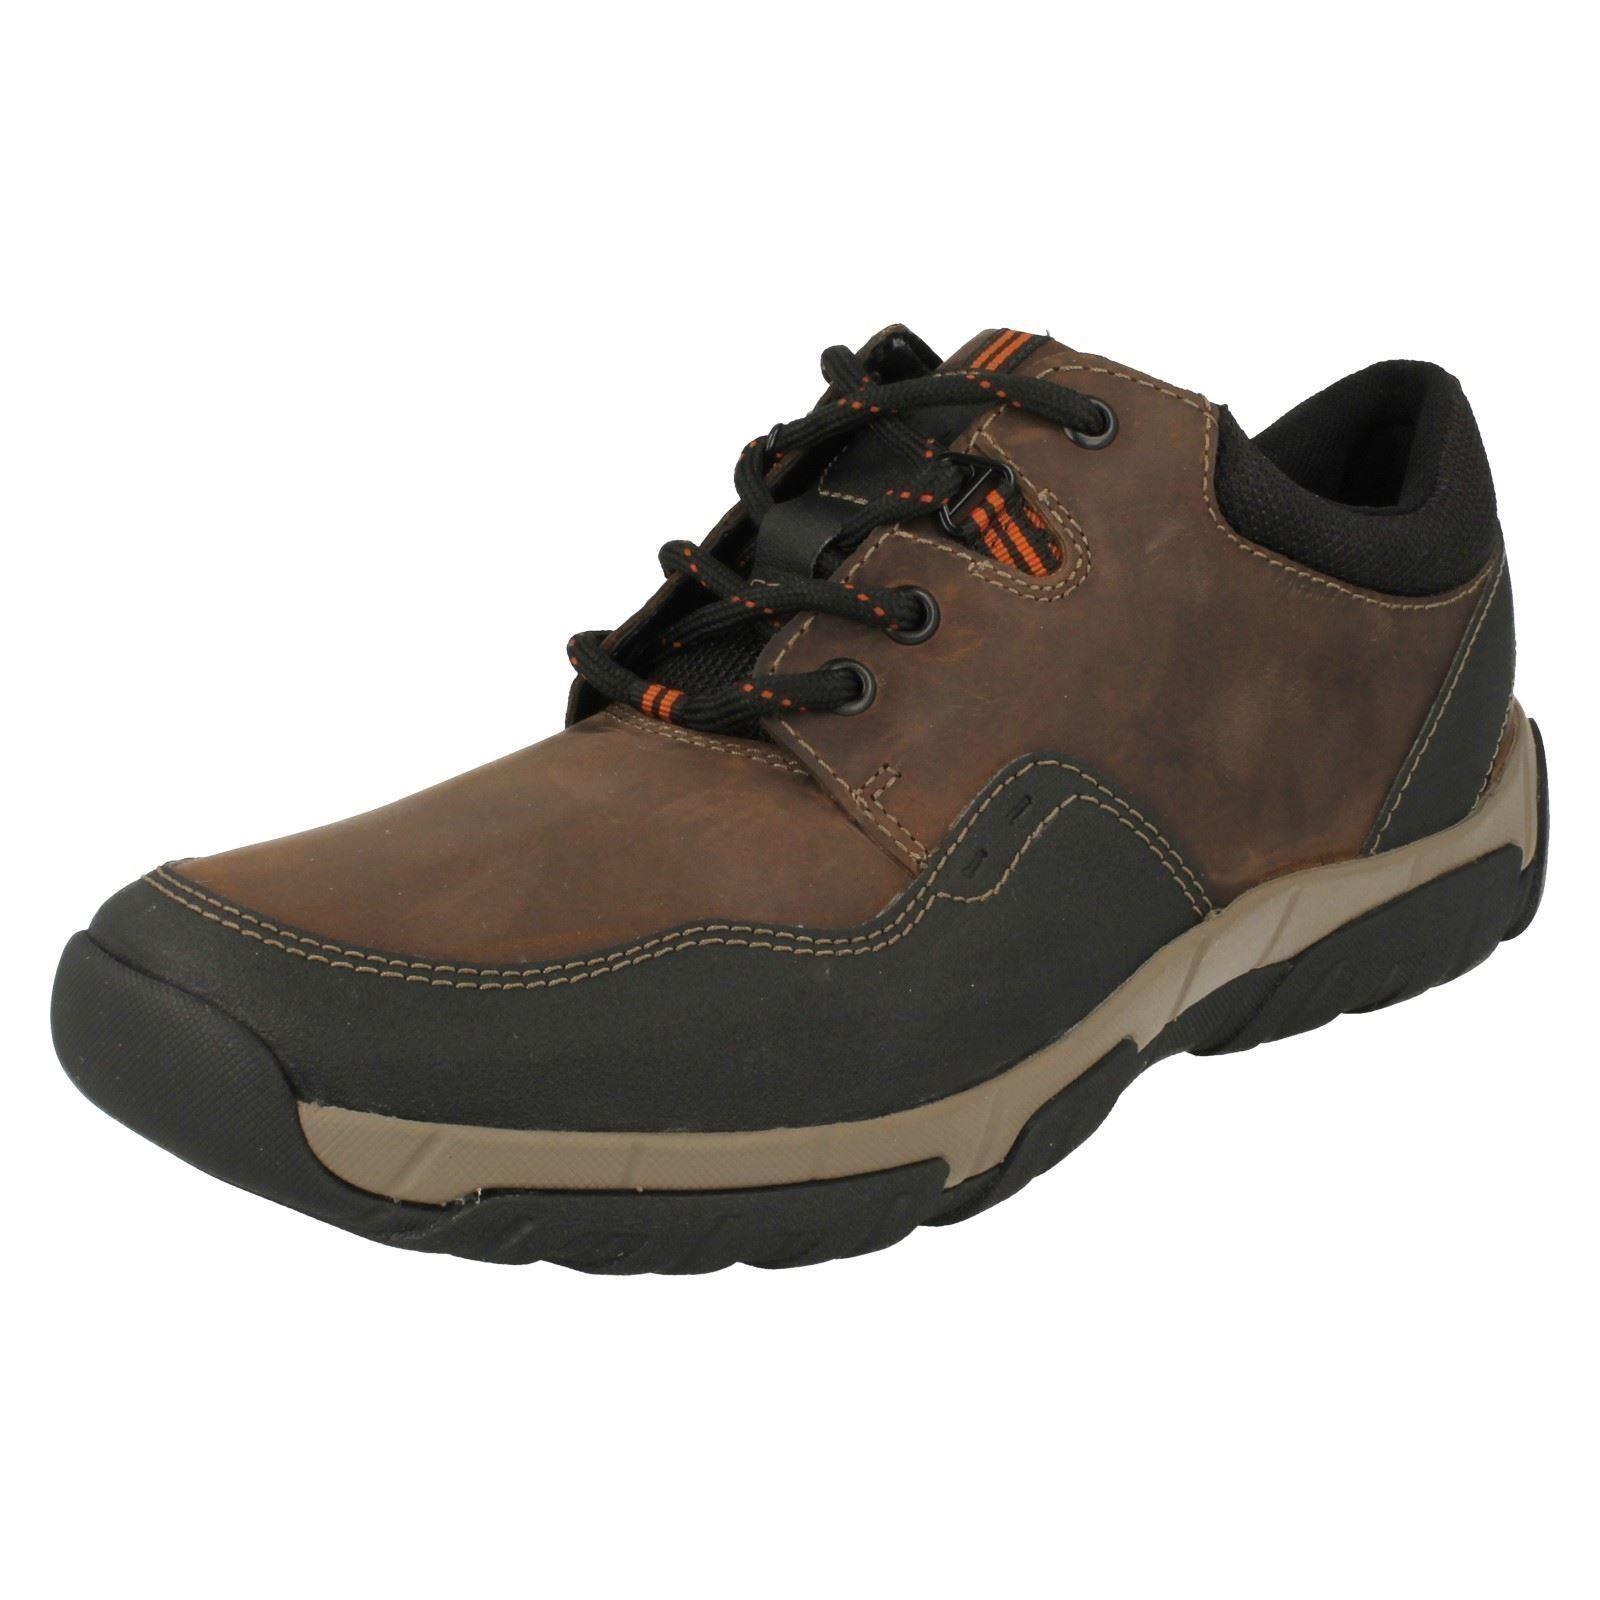 Clarks 'Walbeck Edge' Herren braune Schnürschuhe Leder wasserfest Schuhe G